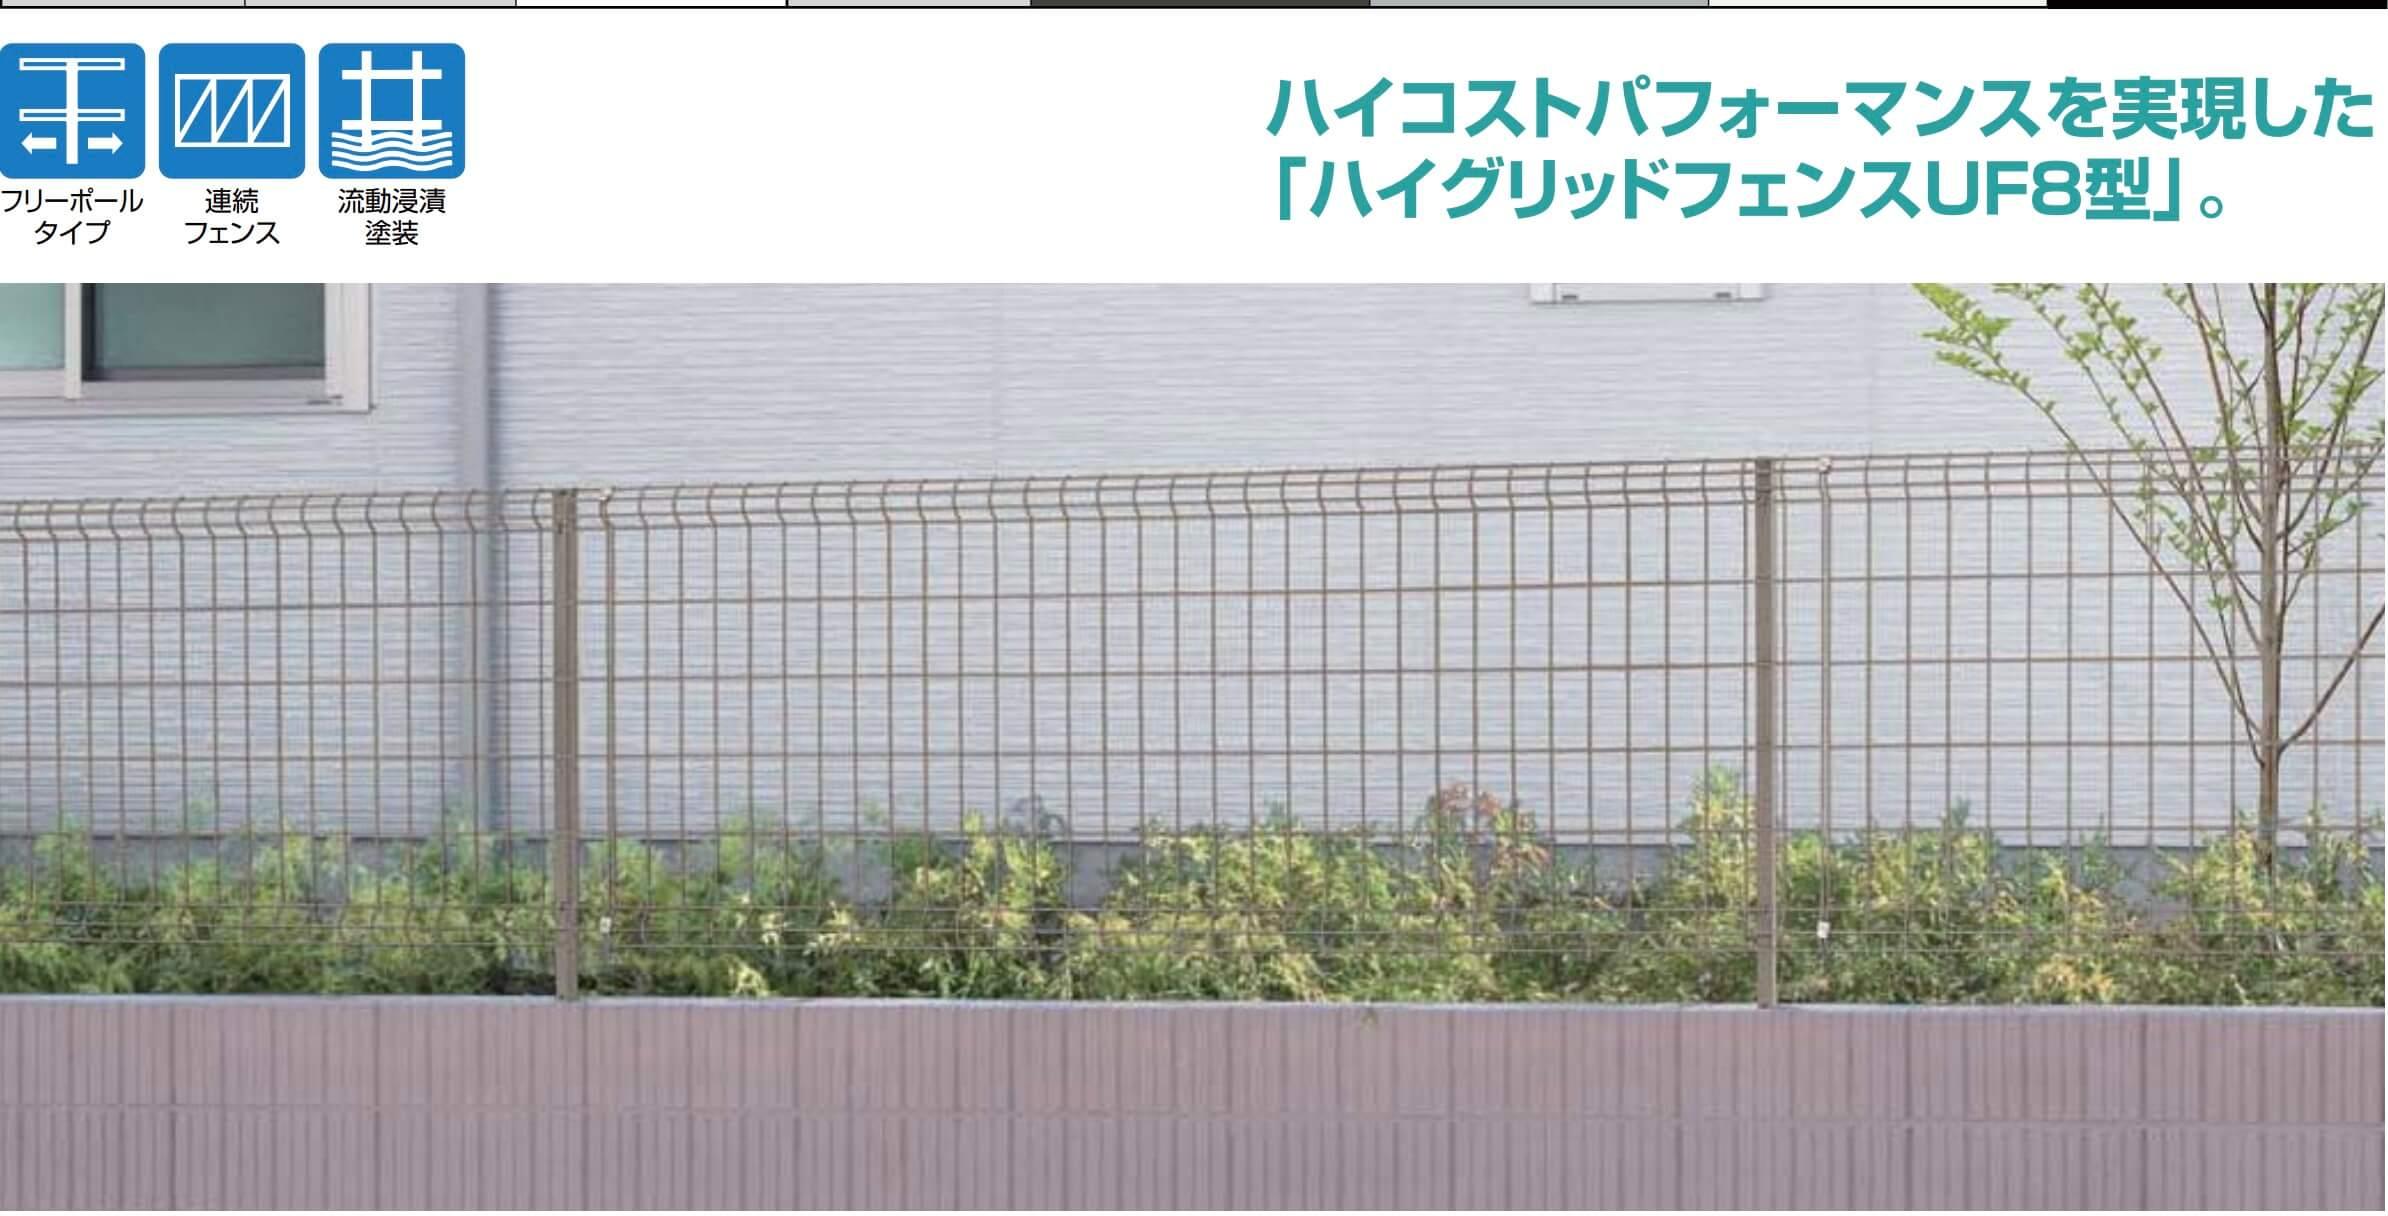 境界フェンス